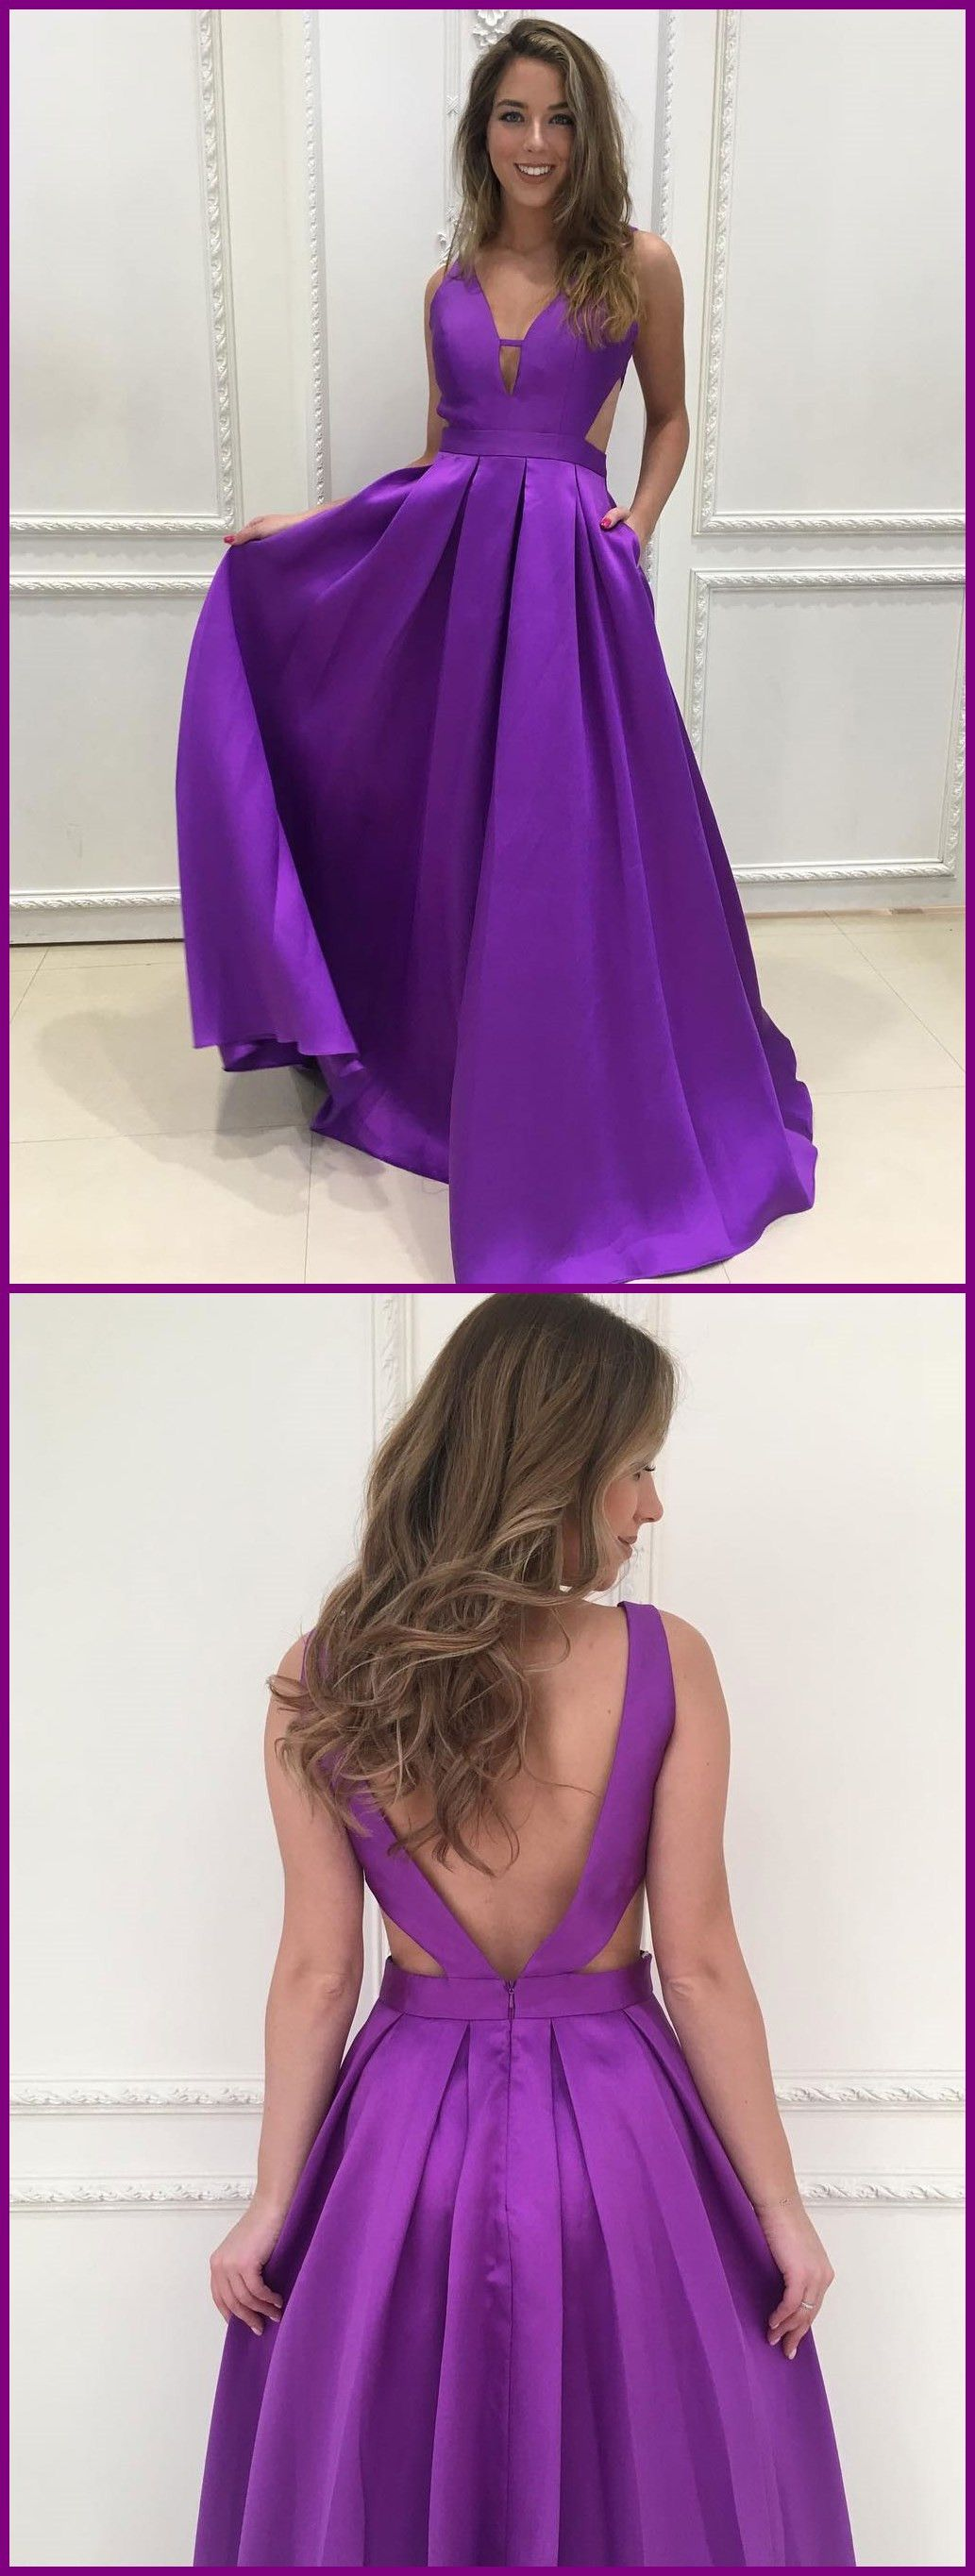 Hermosa Sherri Vestidos Colina Larga Prom Galería - Vestido de Novia ...